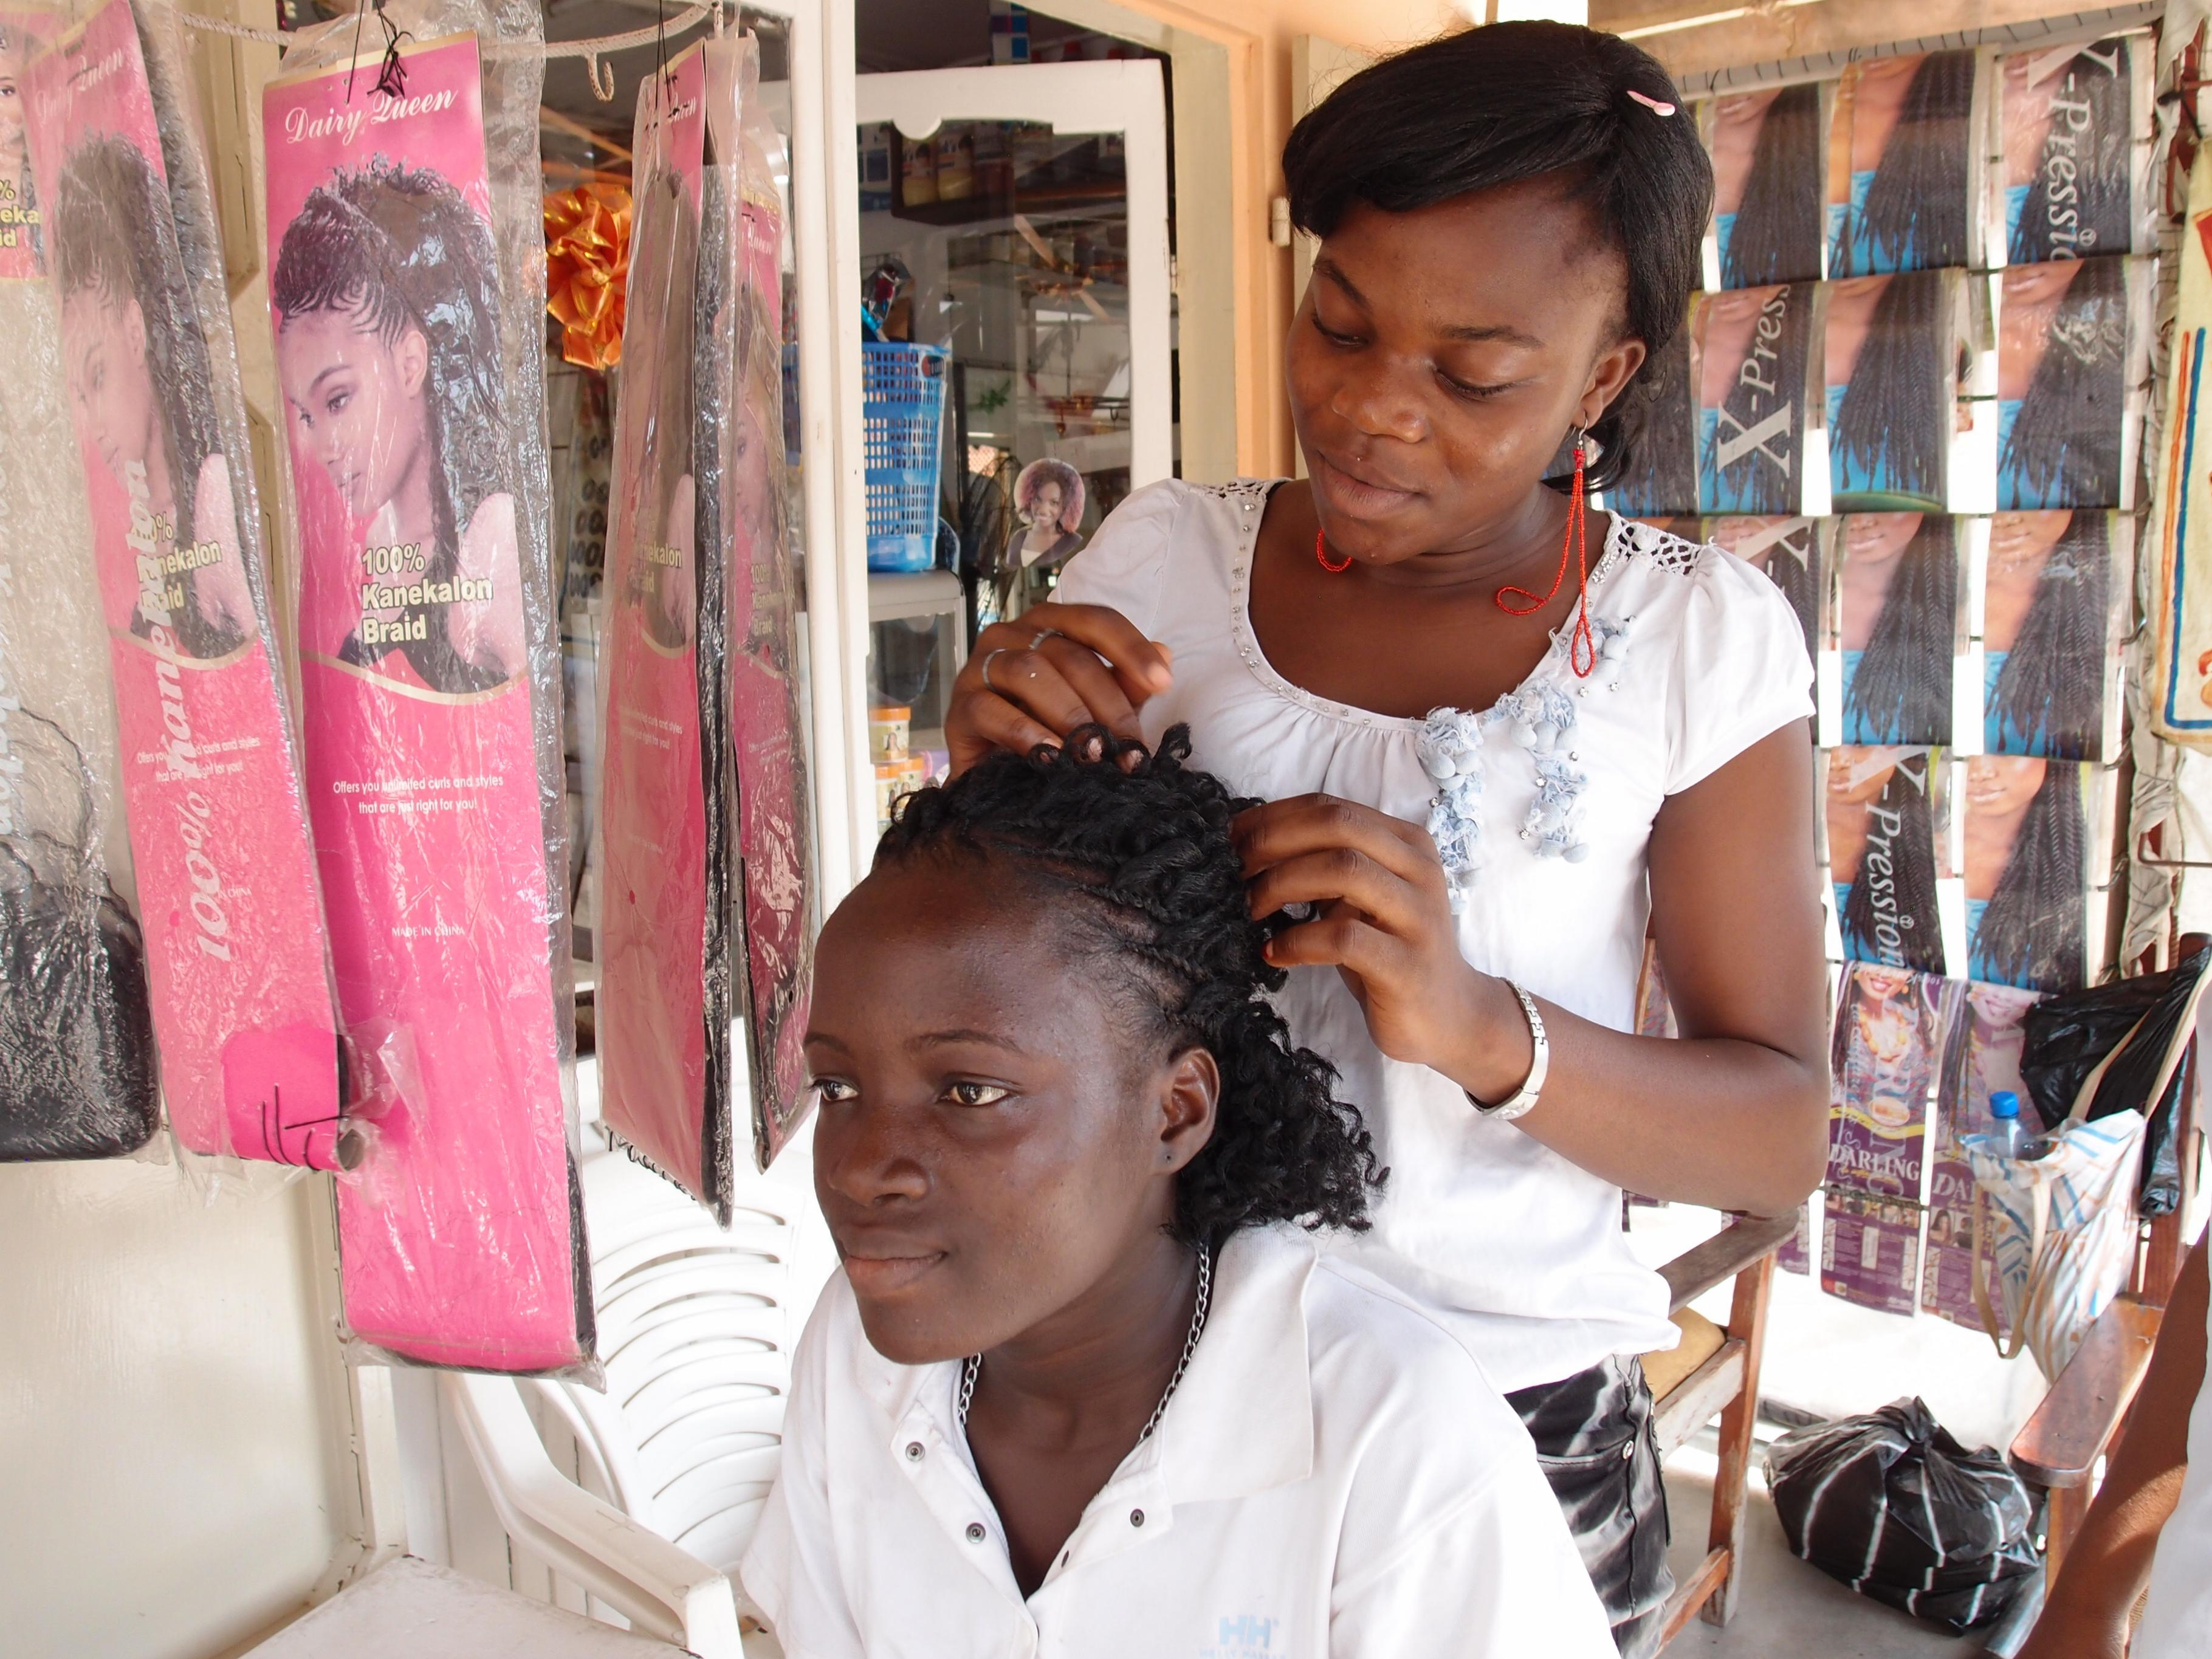 Frau beim Haareschneiden: Berufsausbildung zum Friseur in Benin